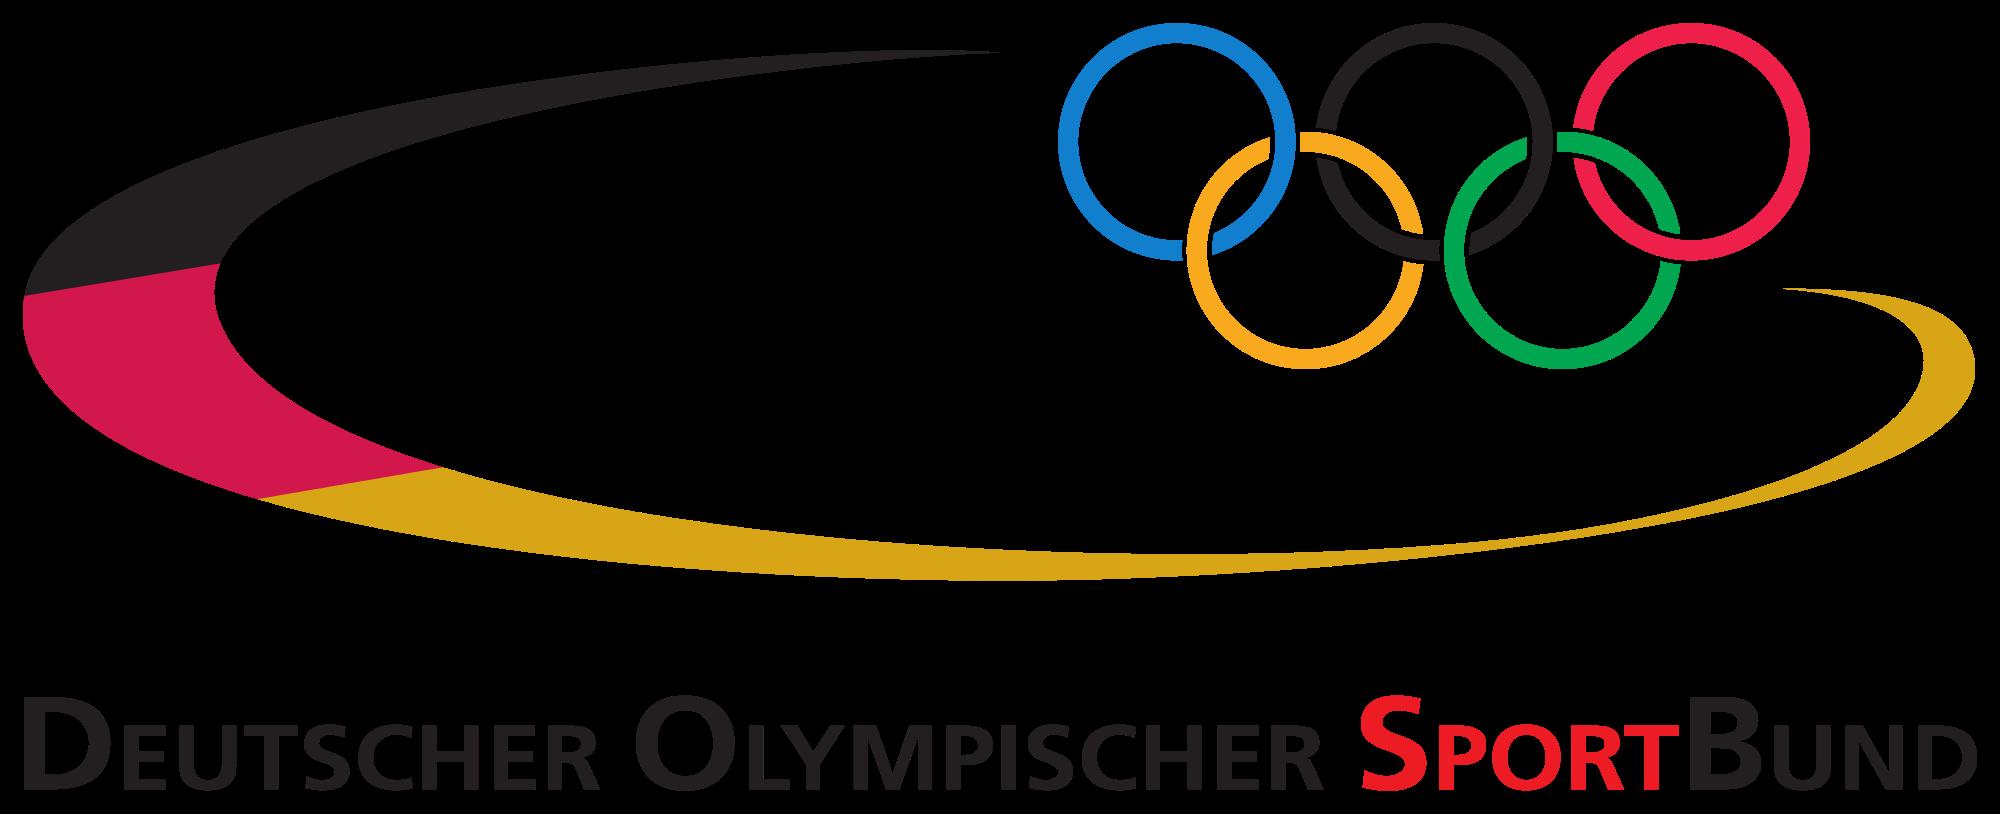 Datei:Logo Deutscher Olympischer Sportbund.svg